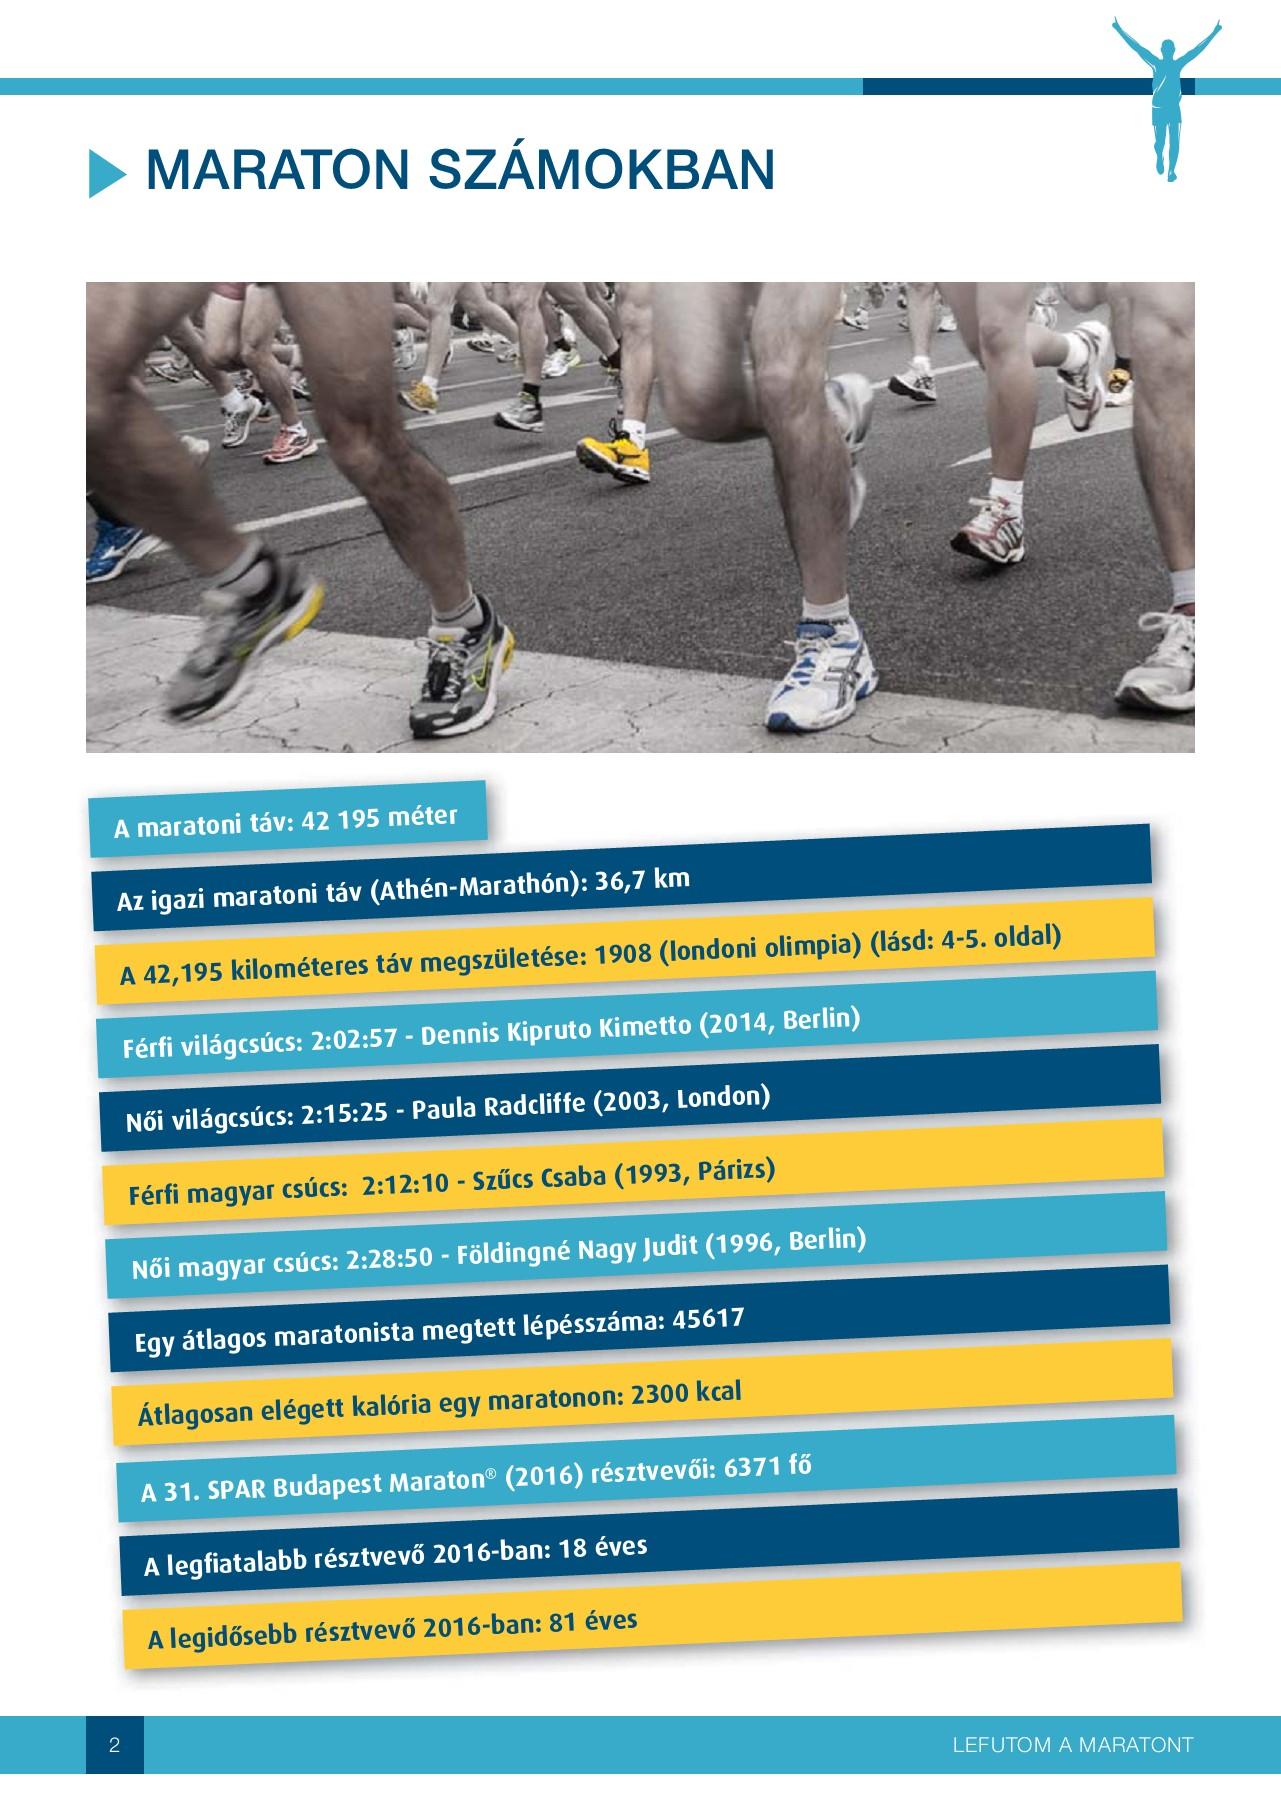 magas vérnyomás esetén a helyszínen fut